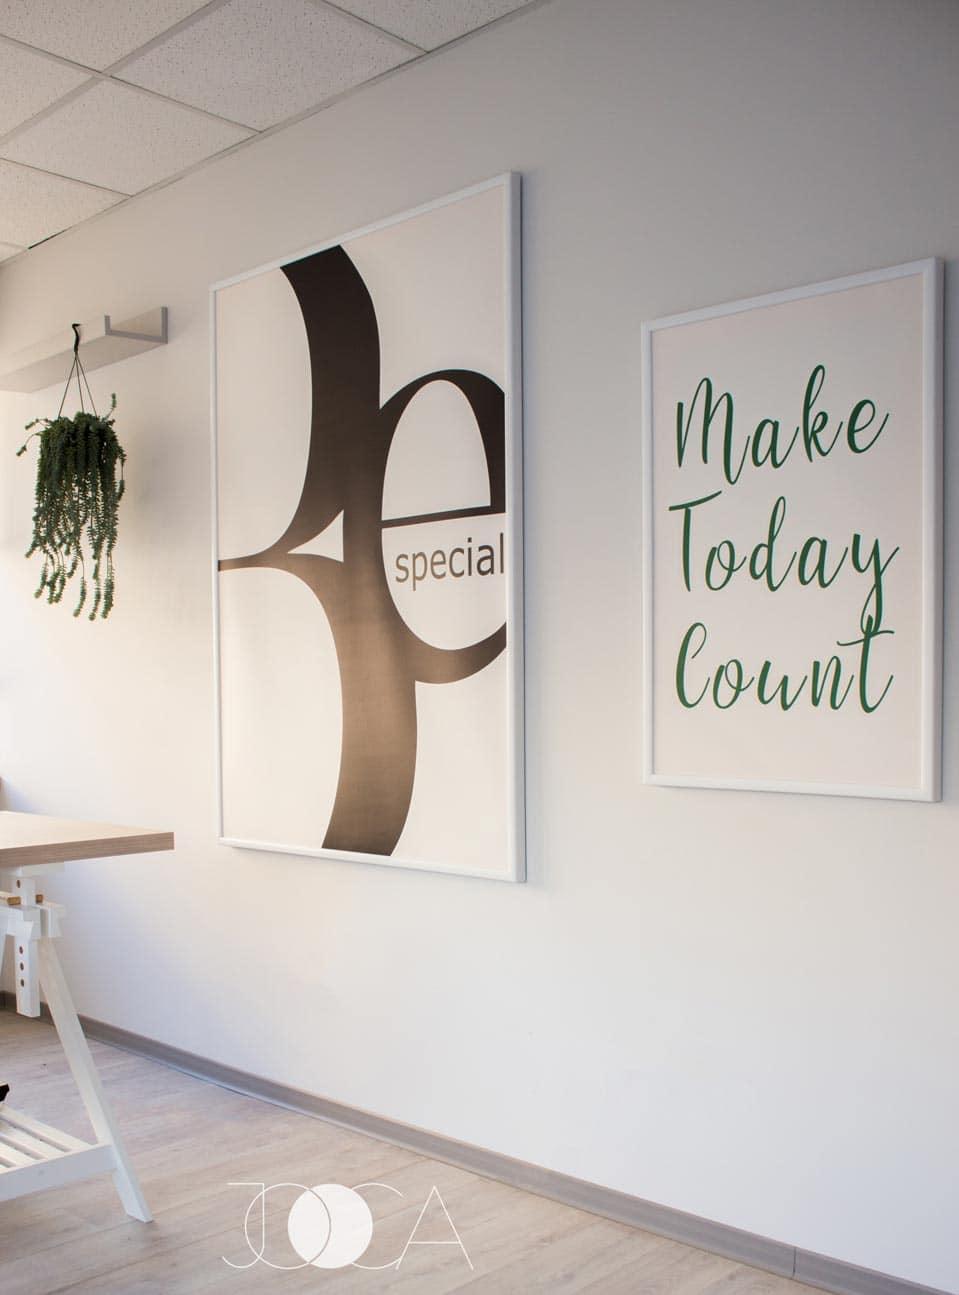 receptia showroomului de produse publicitare Today este minimala, simpla si alba, Pe peretele gri din spatele receptiei iese in evidenta cuvanmtul WOW, din litere volumetrice, cuvant ce defineste stilul de lucru al firmei client.